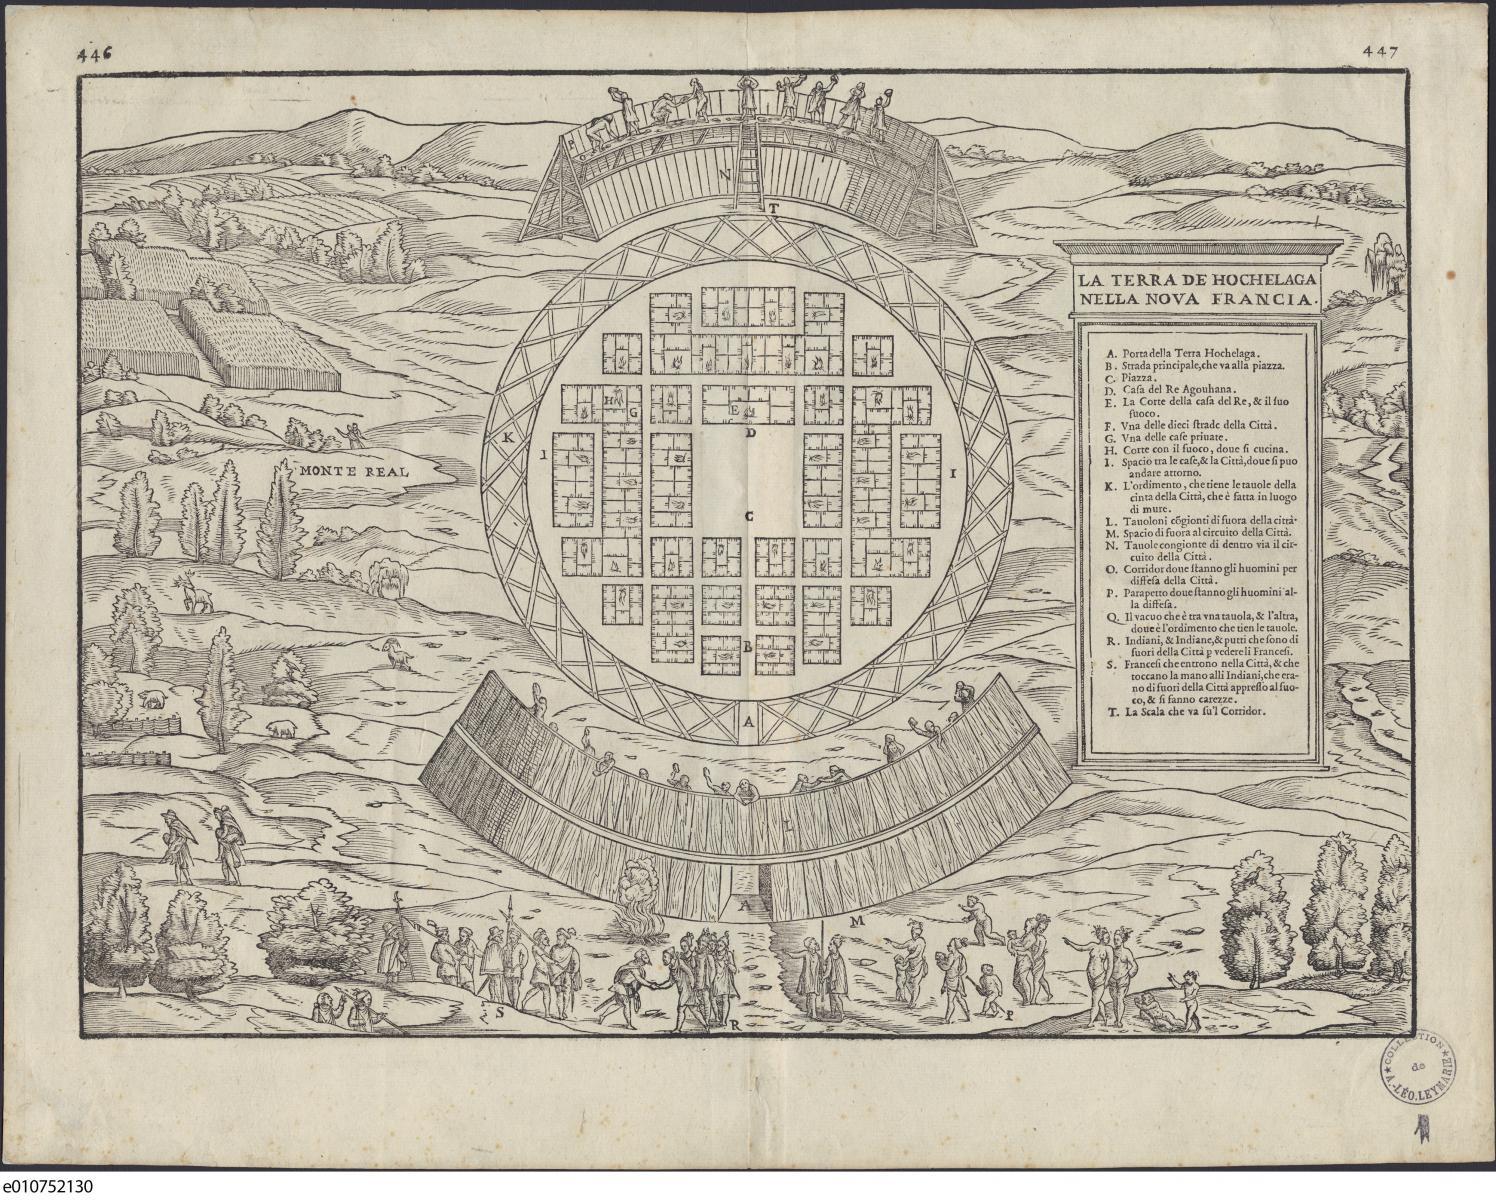 Ce plan figuratif de Gian Baptista Ramusio présente la bourgade d'Hochelaga selon les instructions de Jacques Cartier.